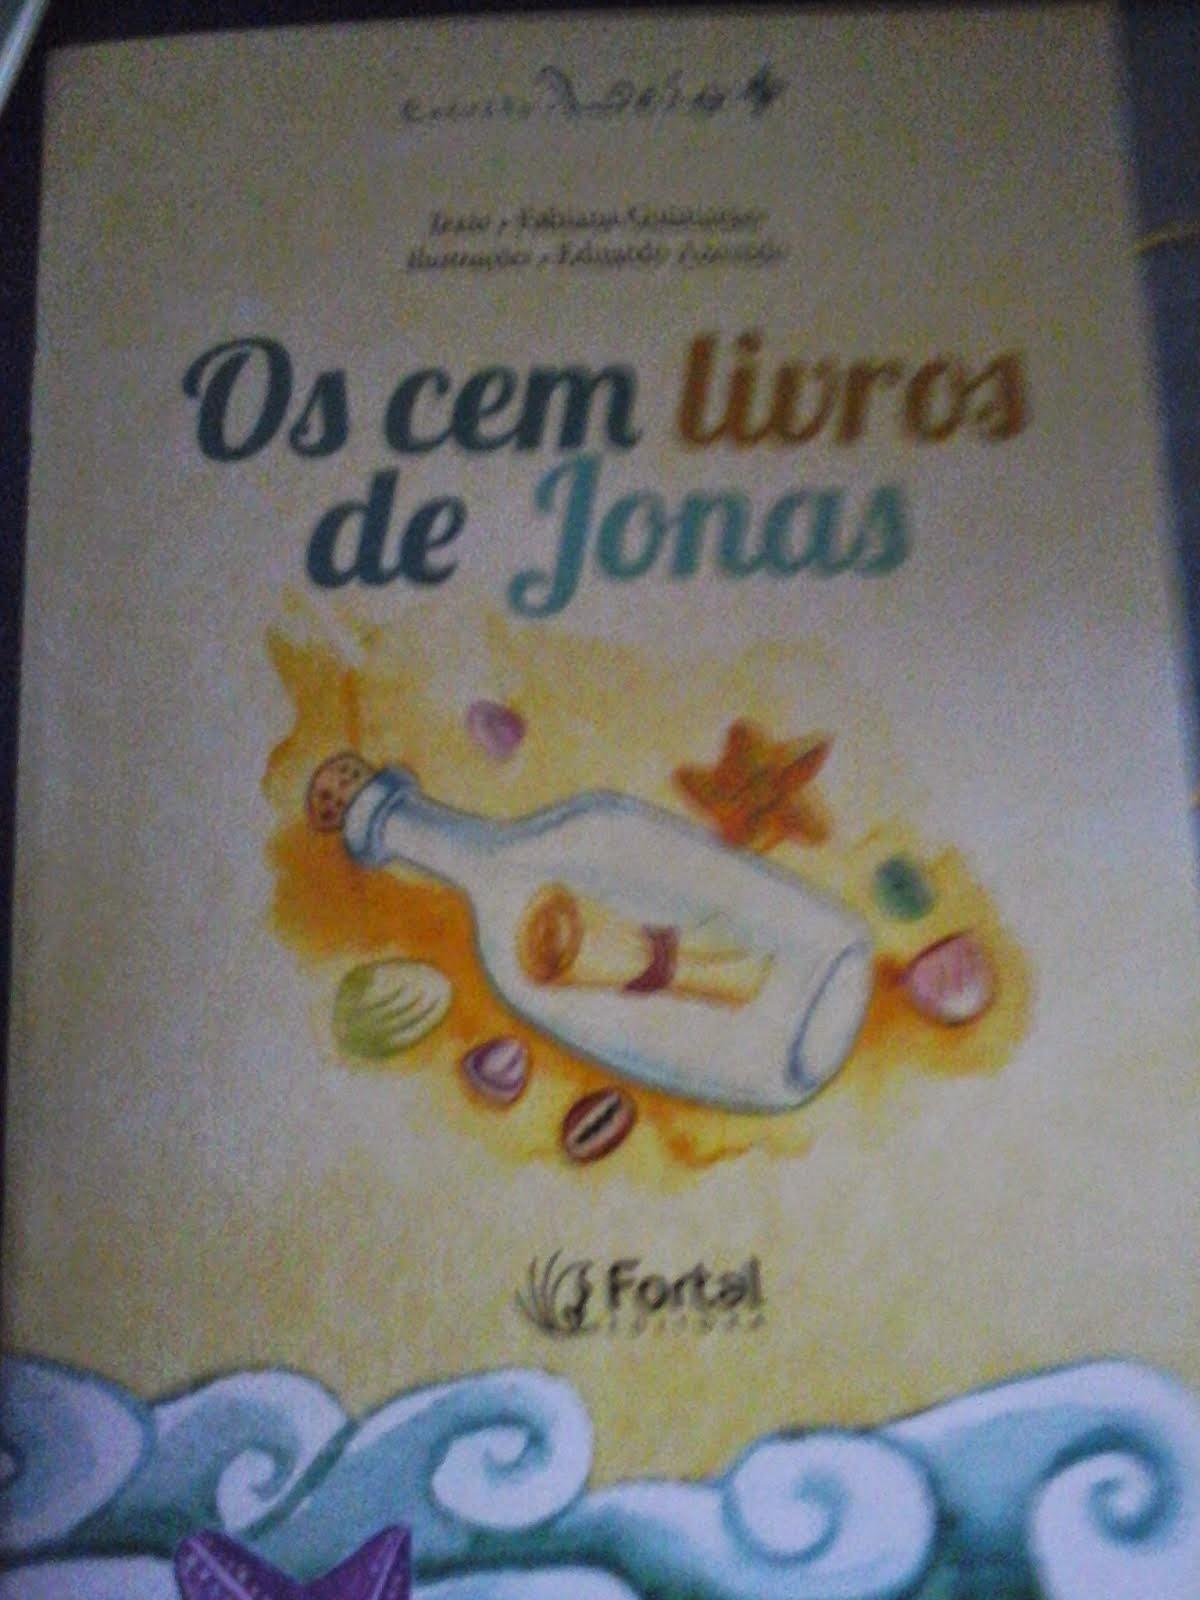 OS CEM LIVROS DE JONAS